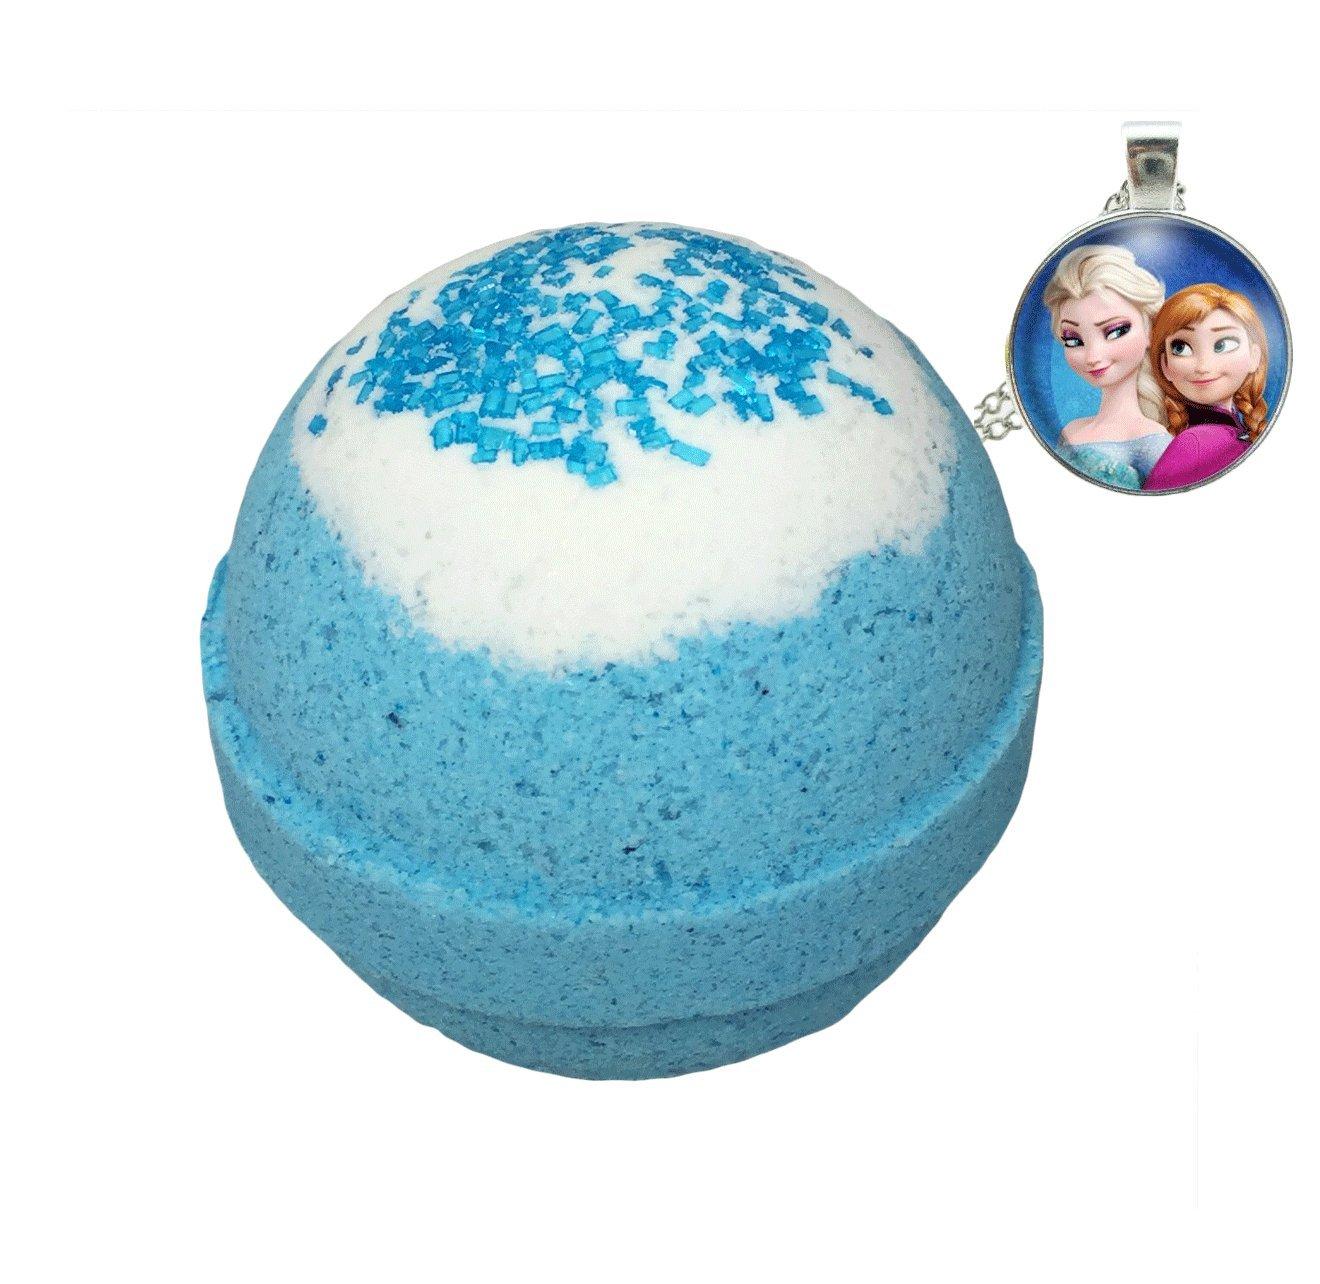 amazon com frozen bubble bath bomb with surprise necklace inside